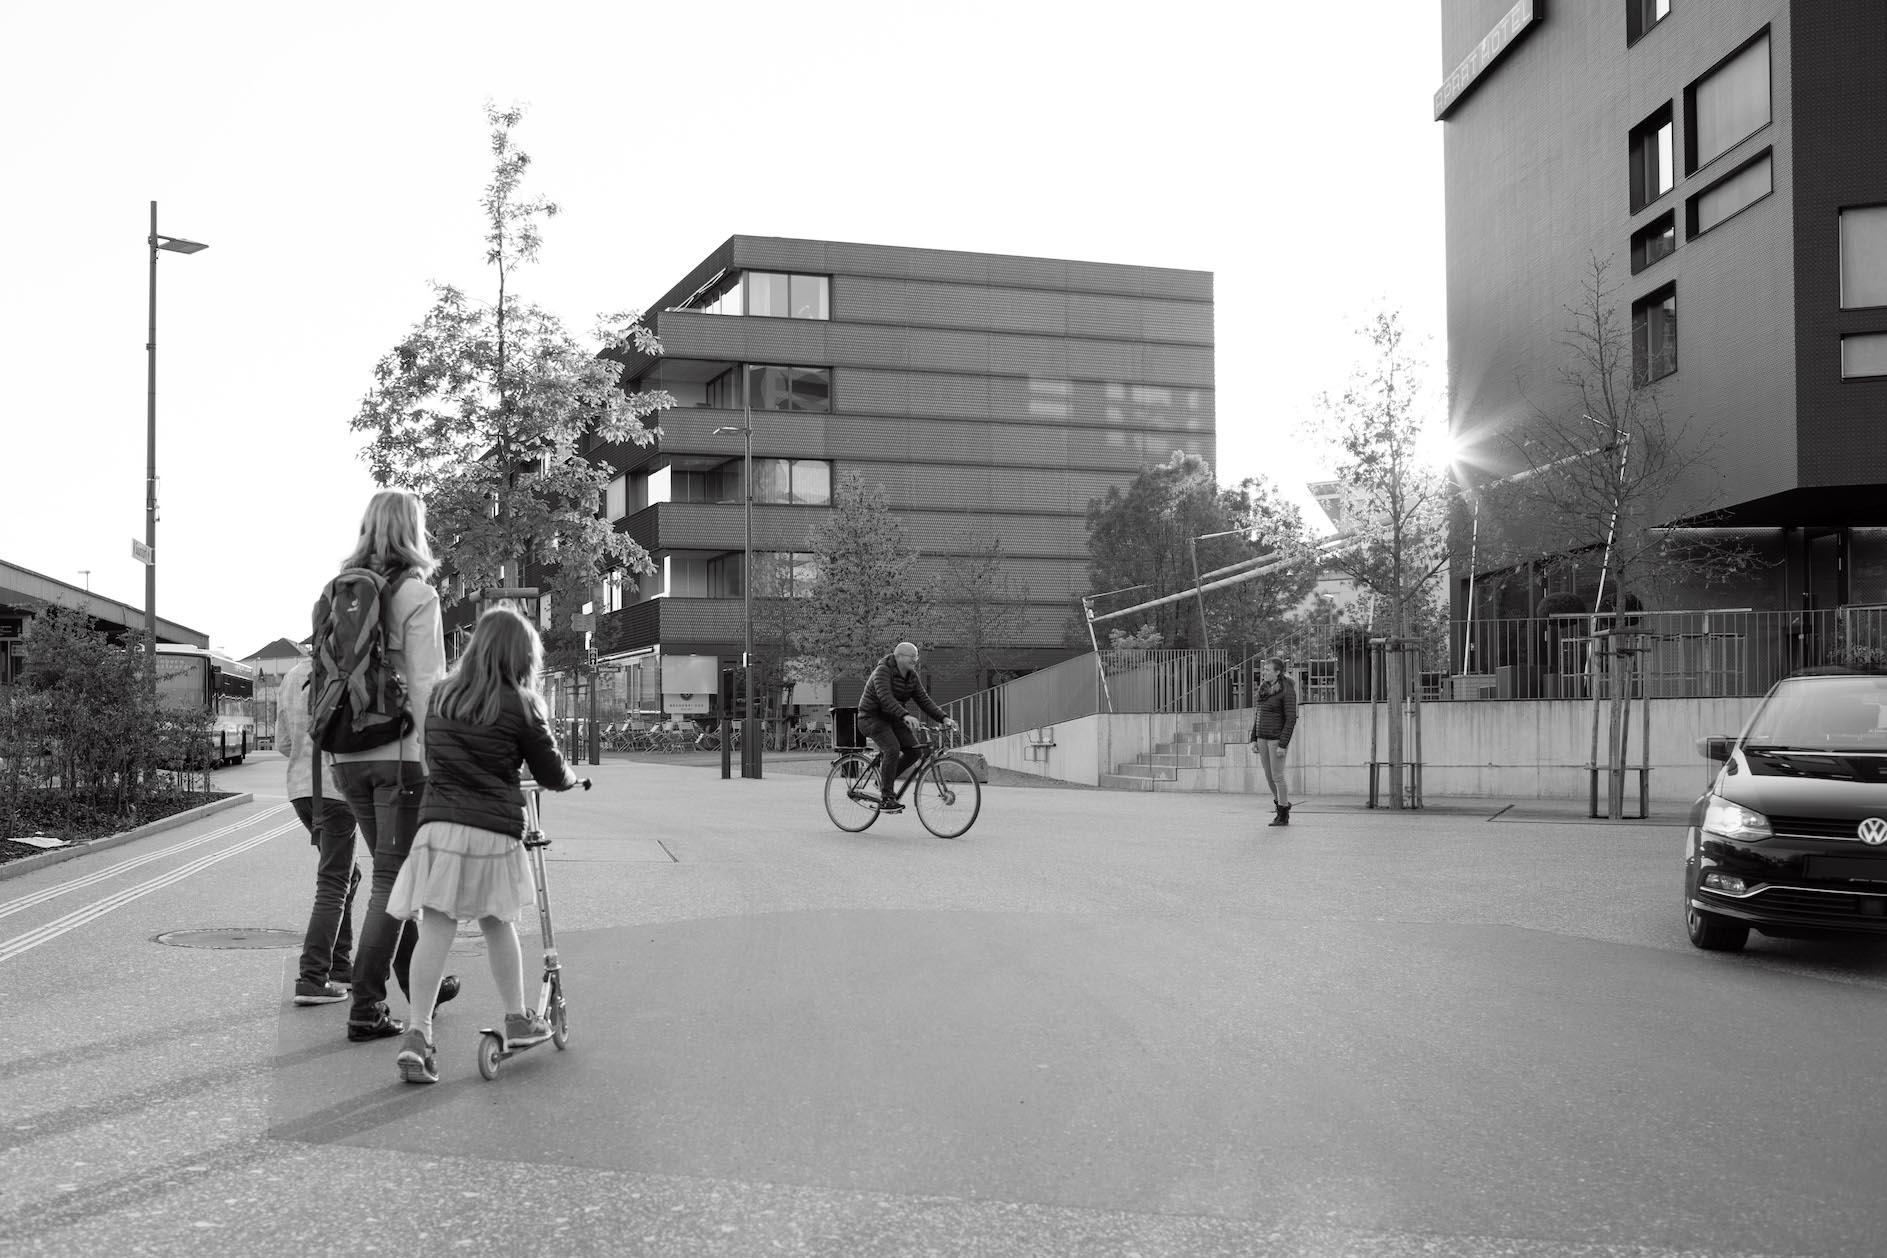 kreuzplatz3_klein.jpg